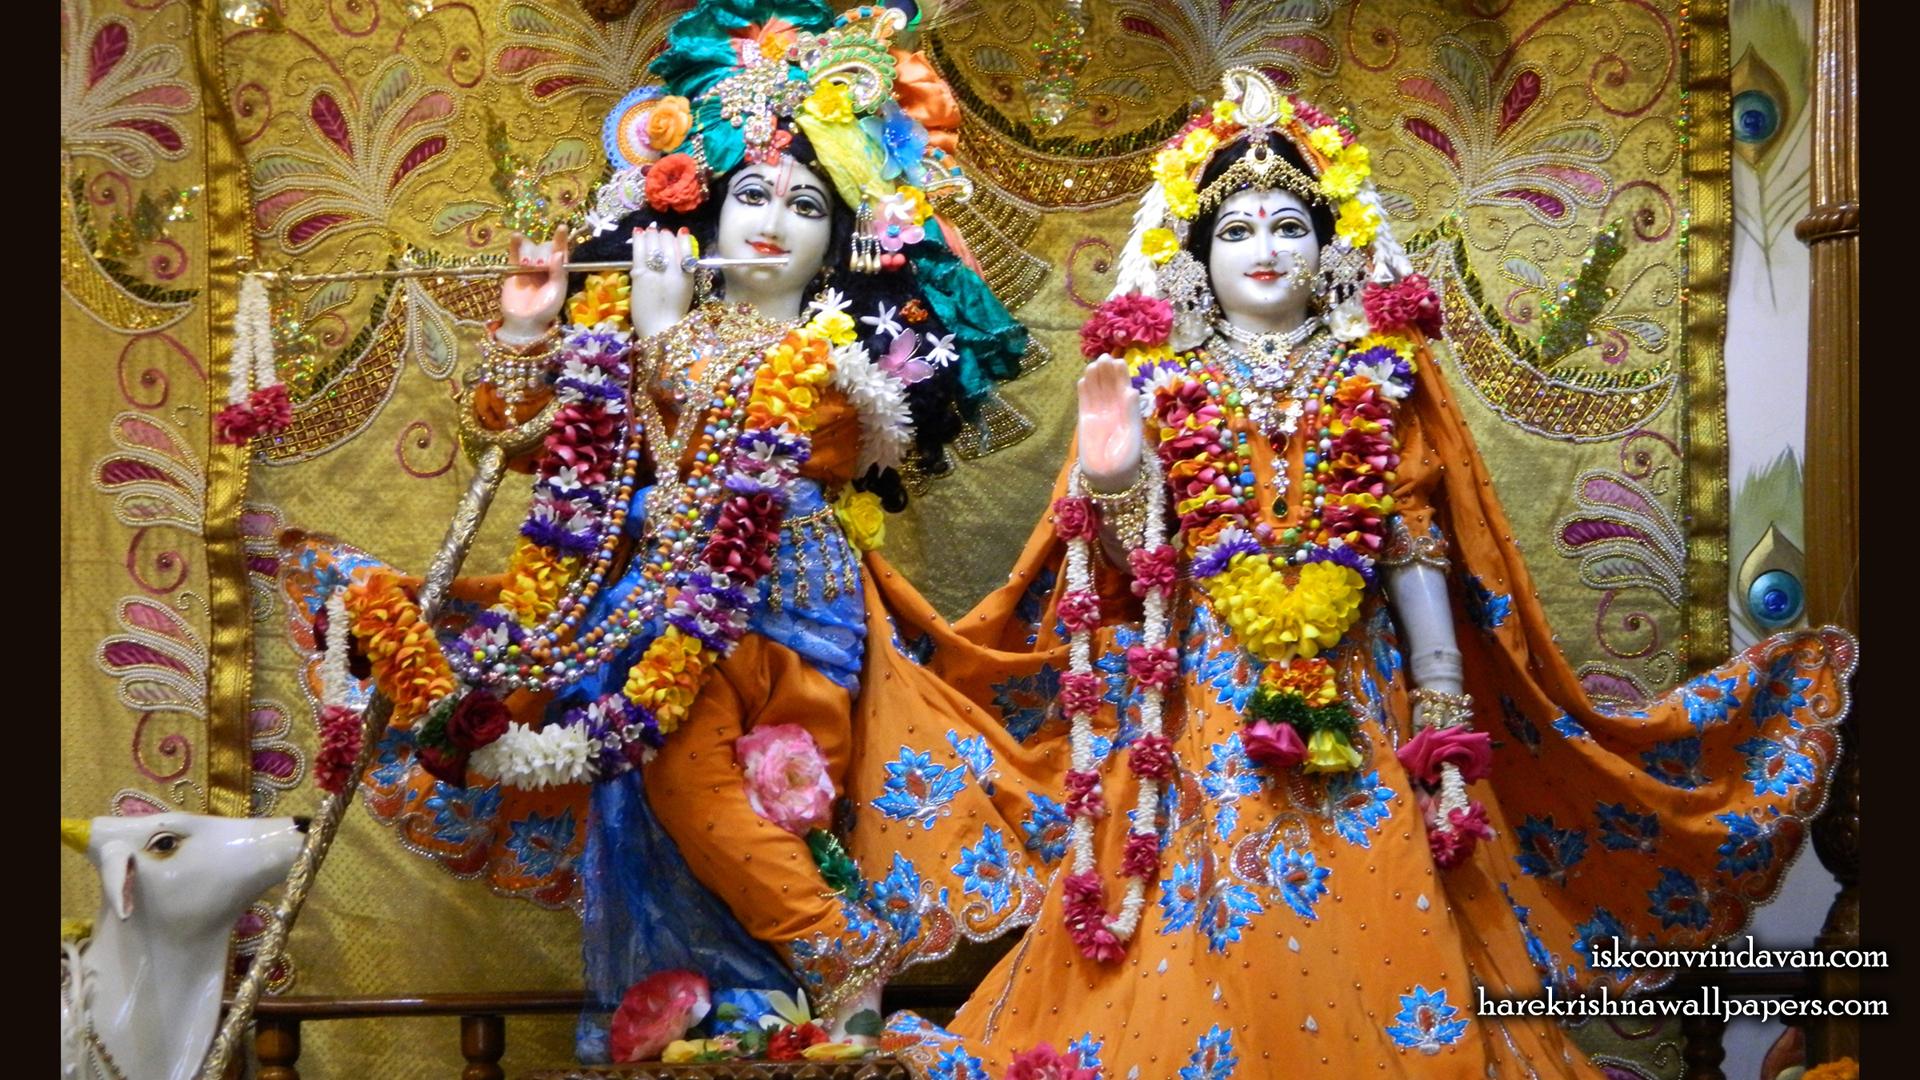 Sri Sri Radha Kunjabihari Wallpaper (011) Size 1920x1080 Download